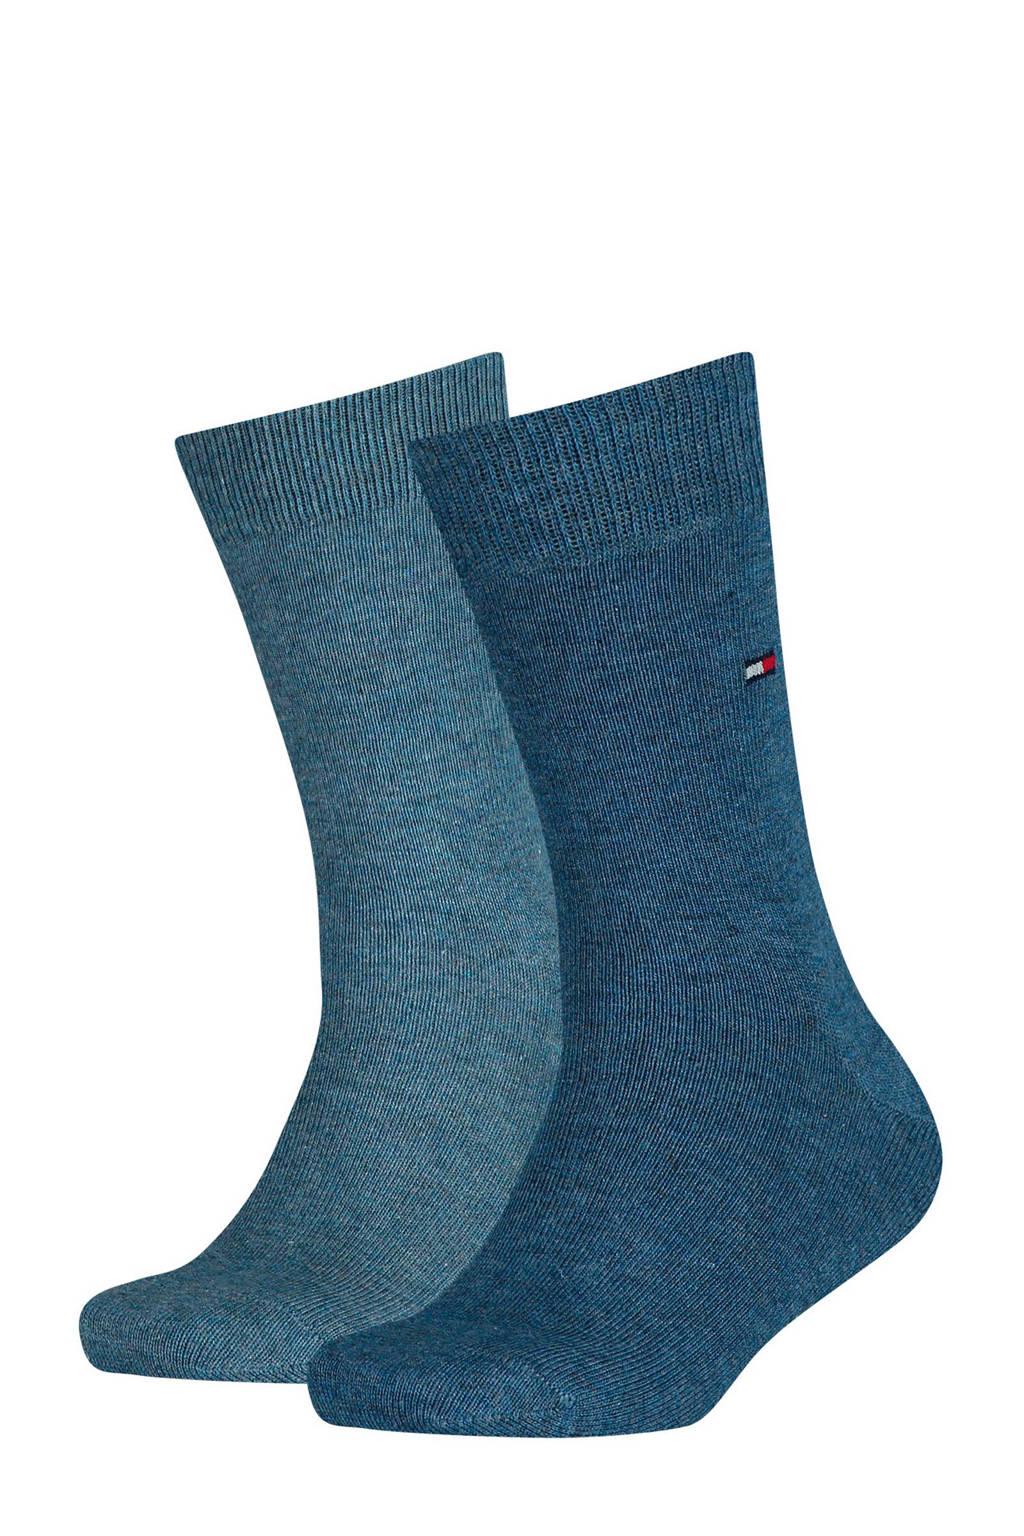 Tommy Hilfiger kinder sokken (2 paar), jeans blue